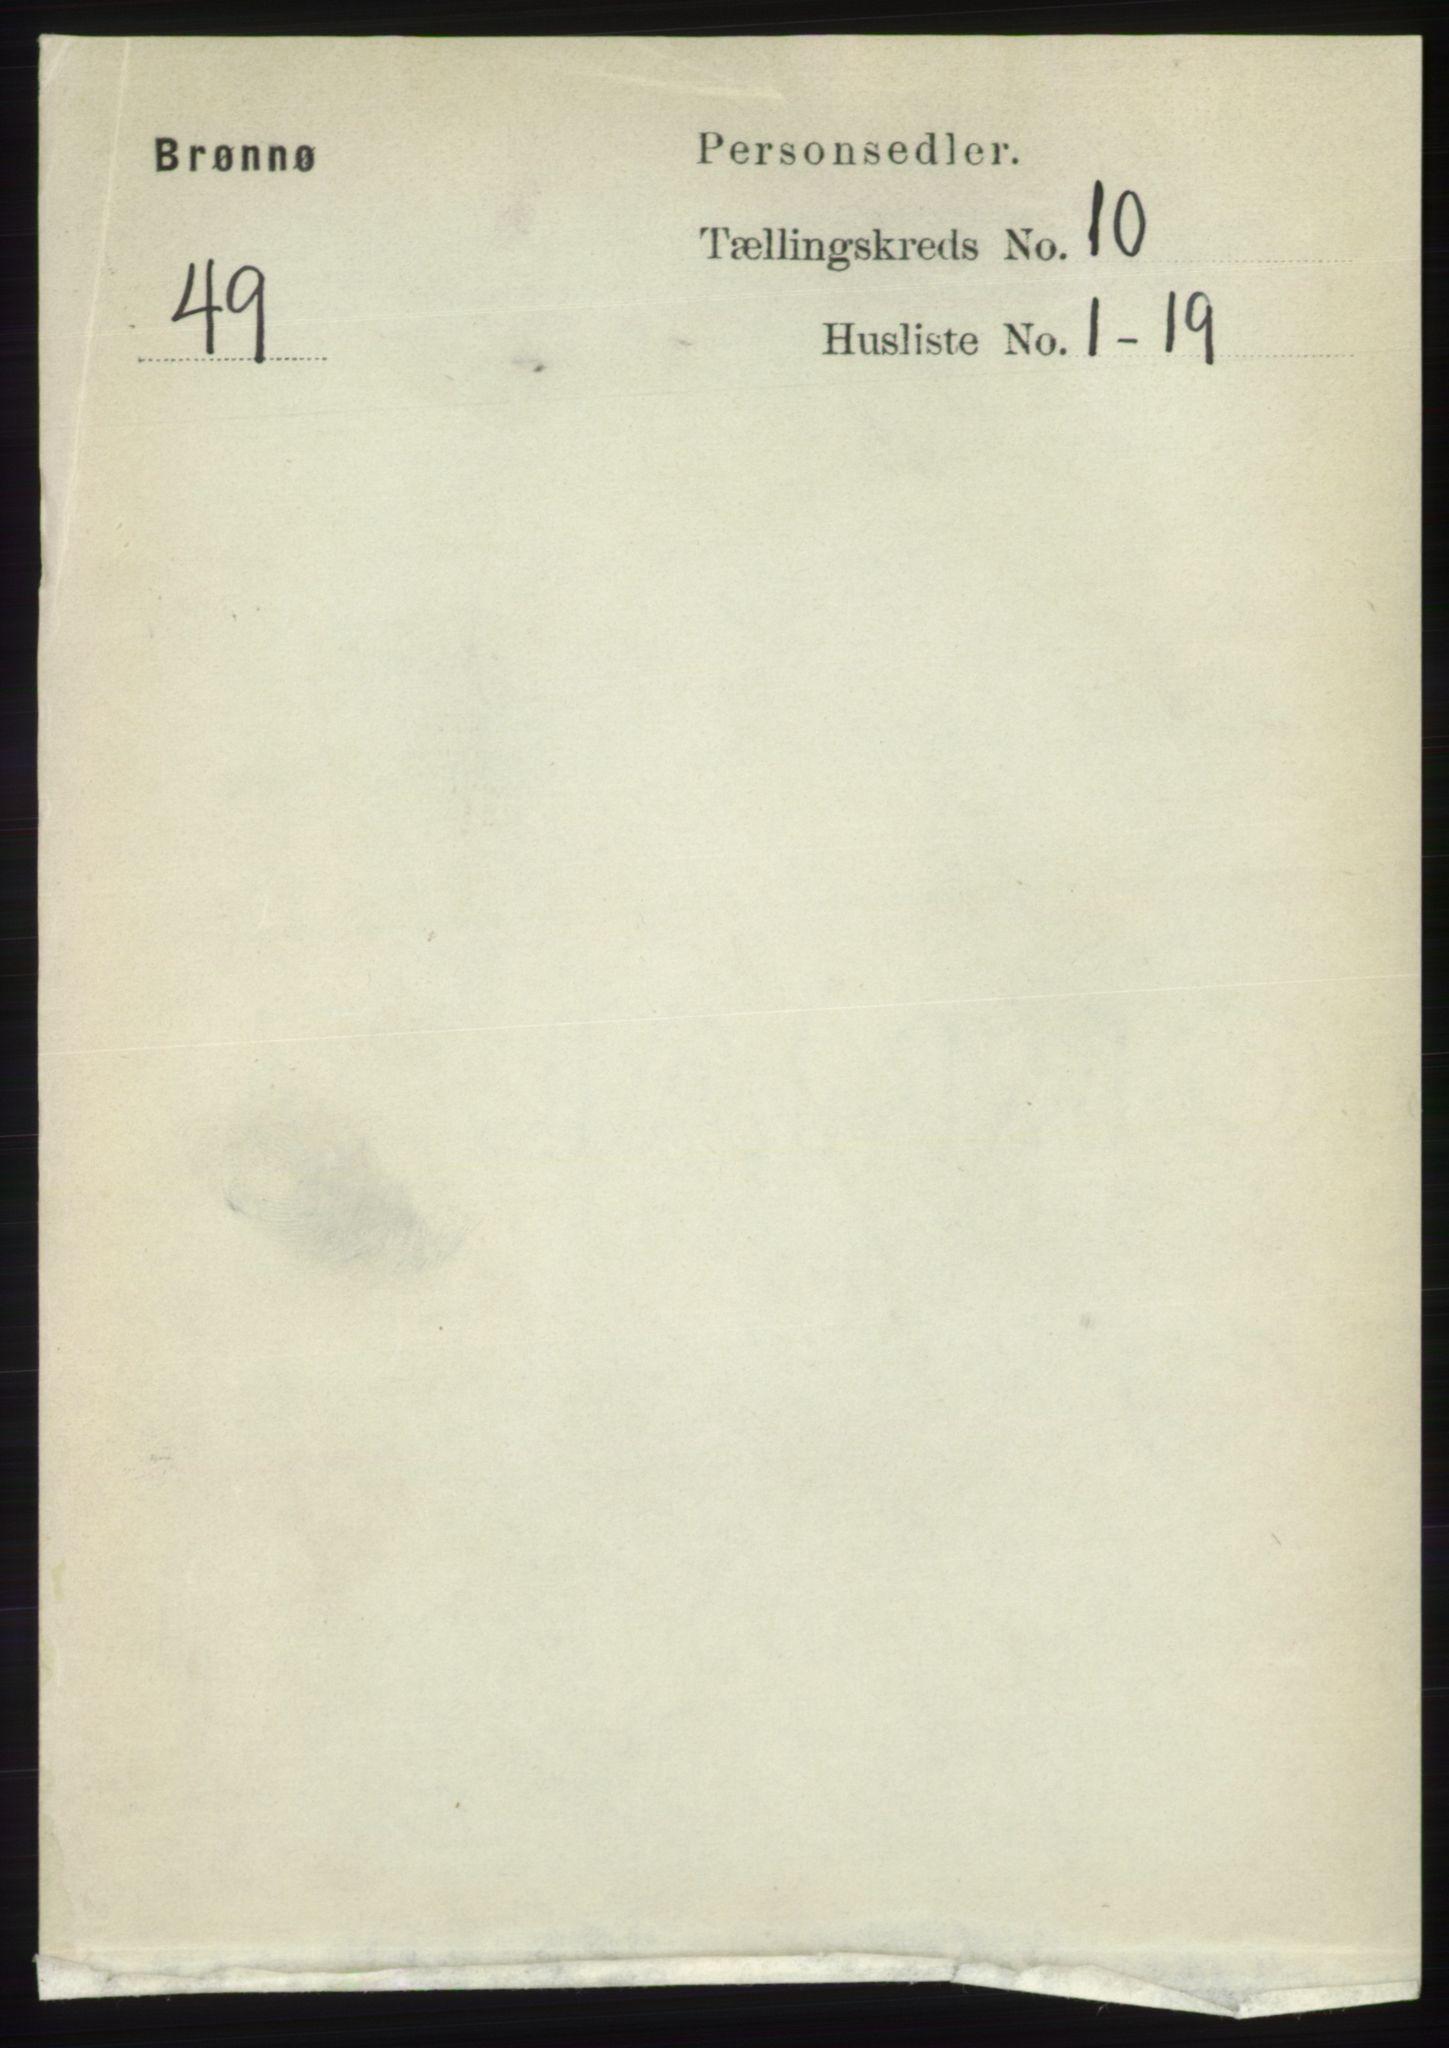 RA, Folketelling 1891 for 1814 Brønnøy herred, 1891, s. 5722